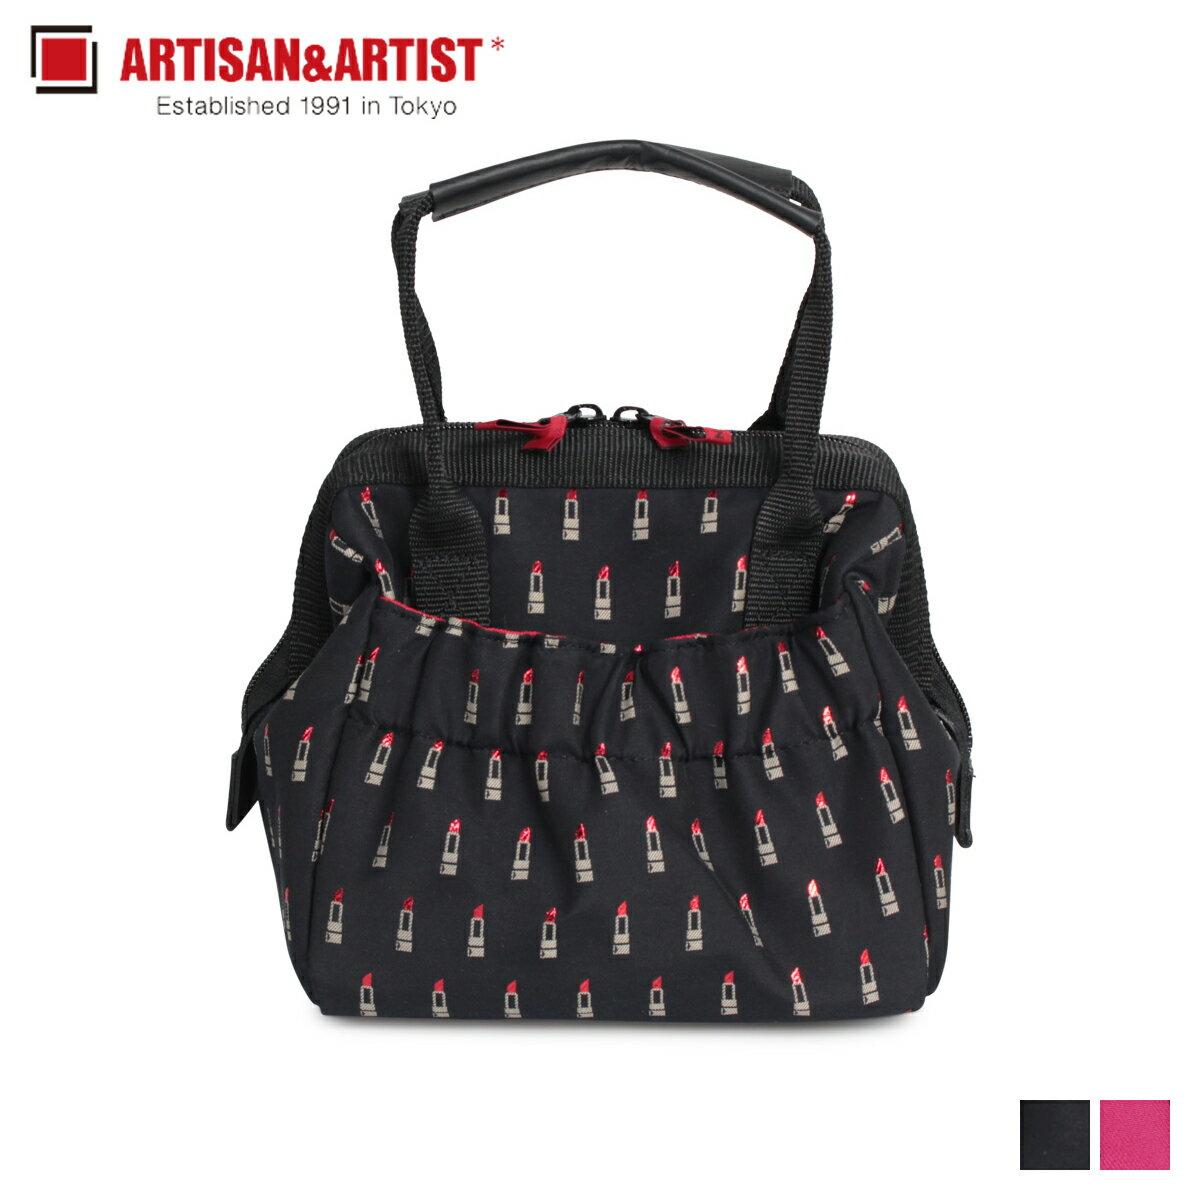 レディースバッグ, 化粧ポーチ 1000OFF ARTISANARTIST 2WAY WIDE OPEN COMPACT BAG KG2LI-701